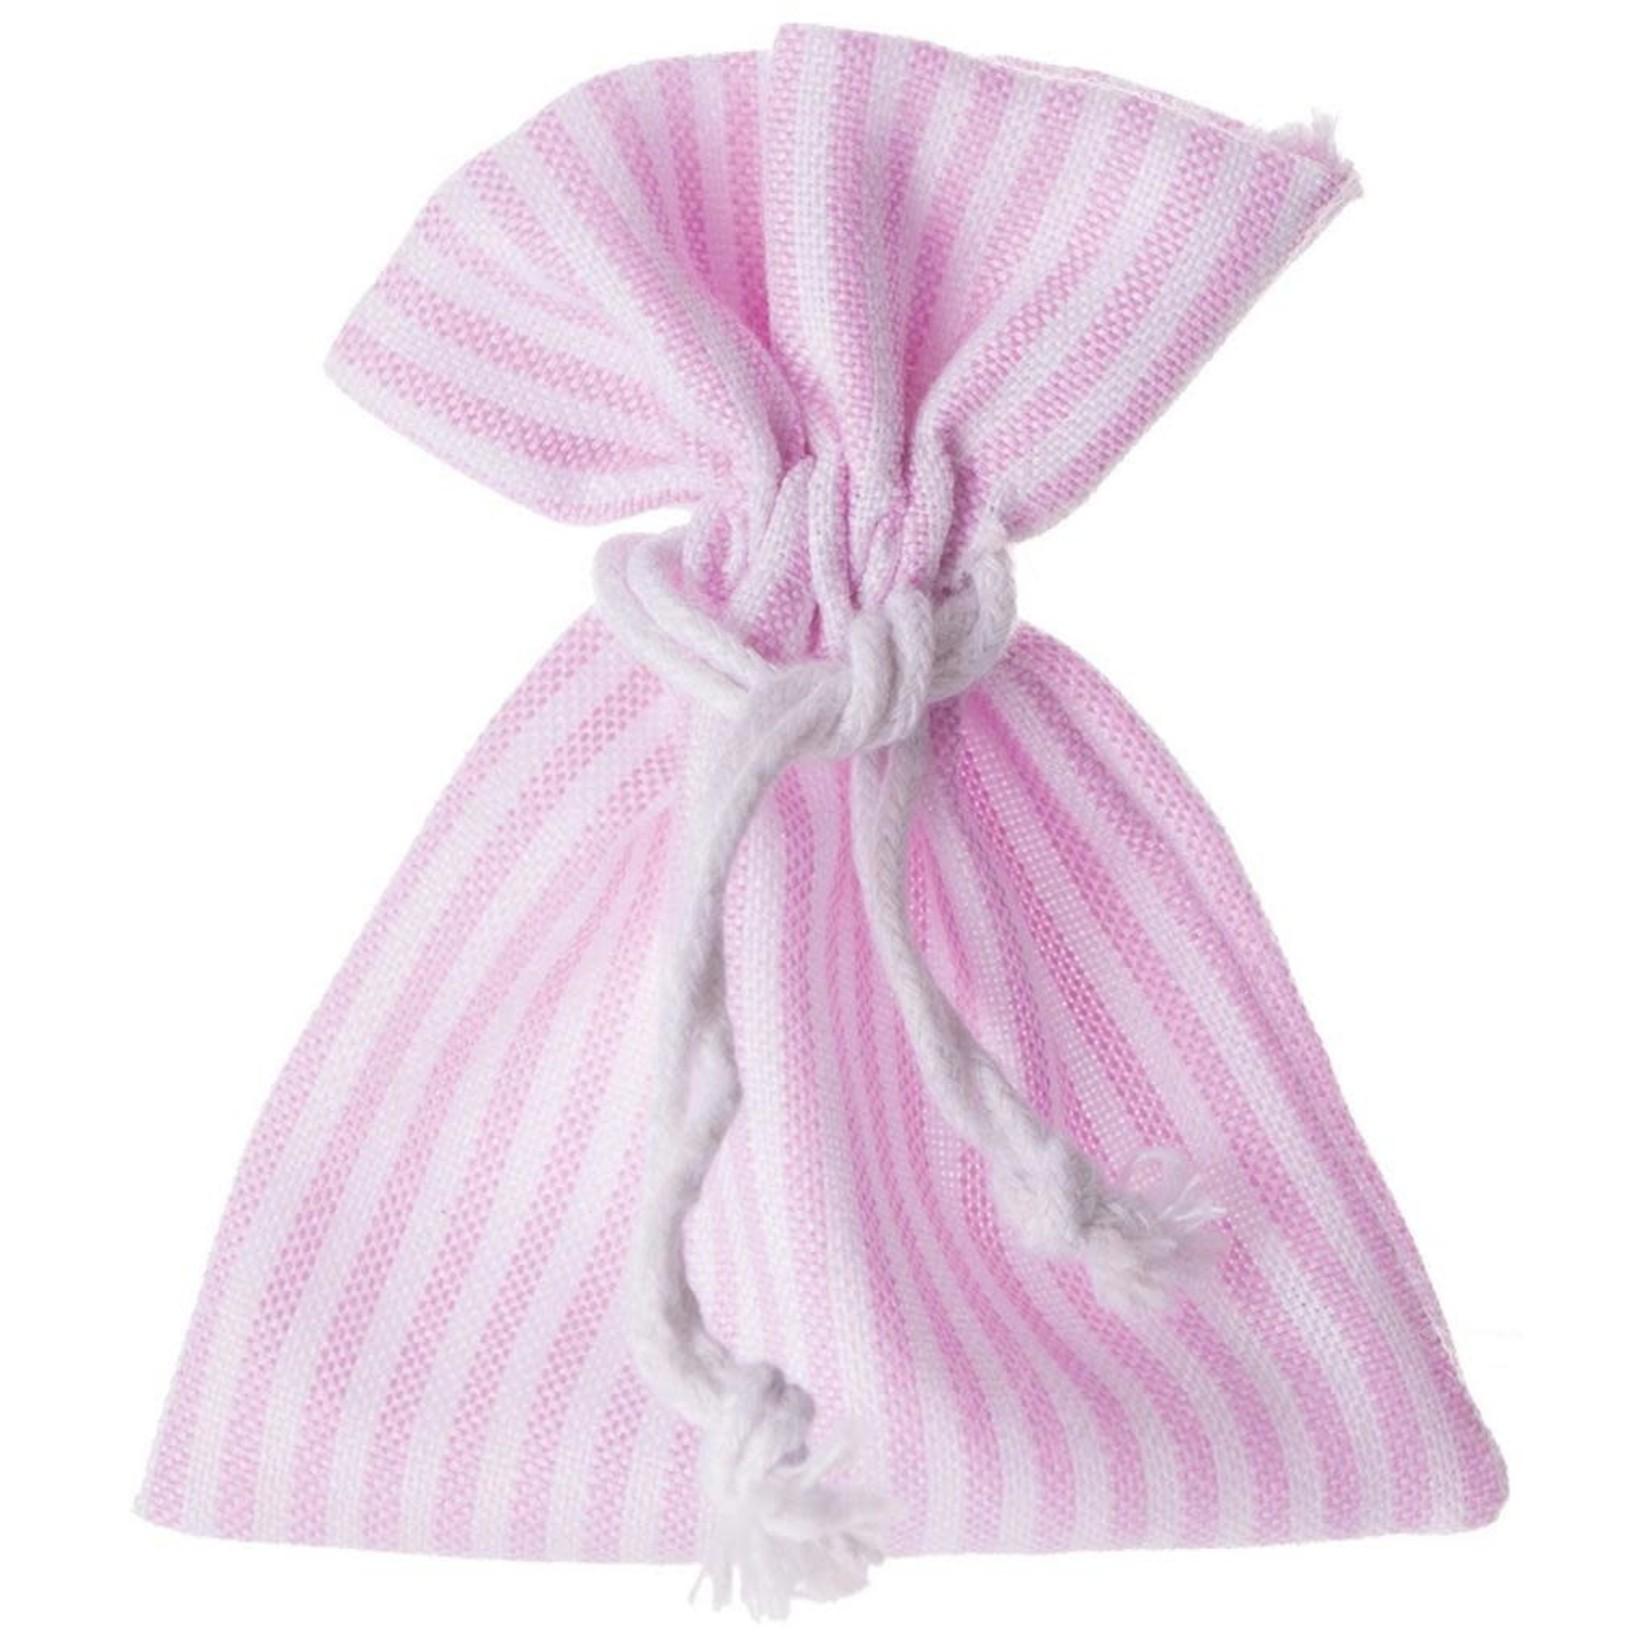 stropzakje roze/wit gestreept